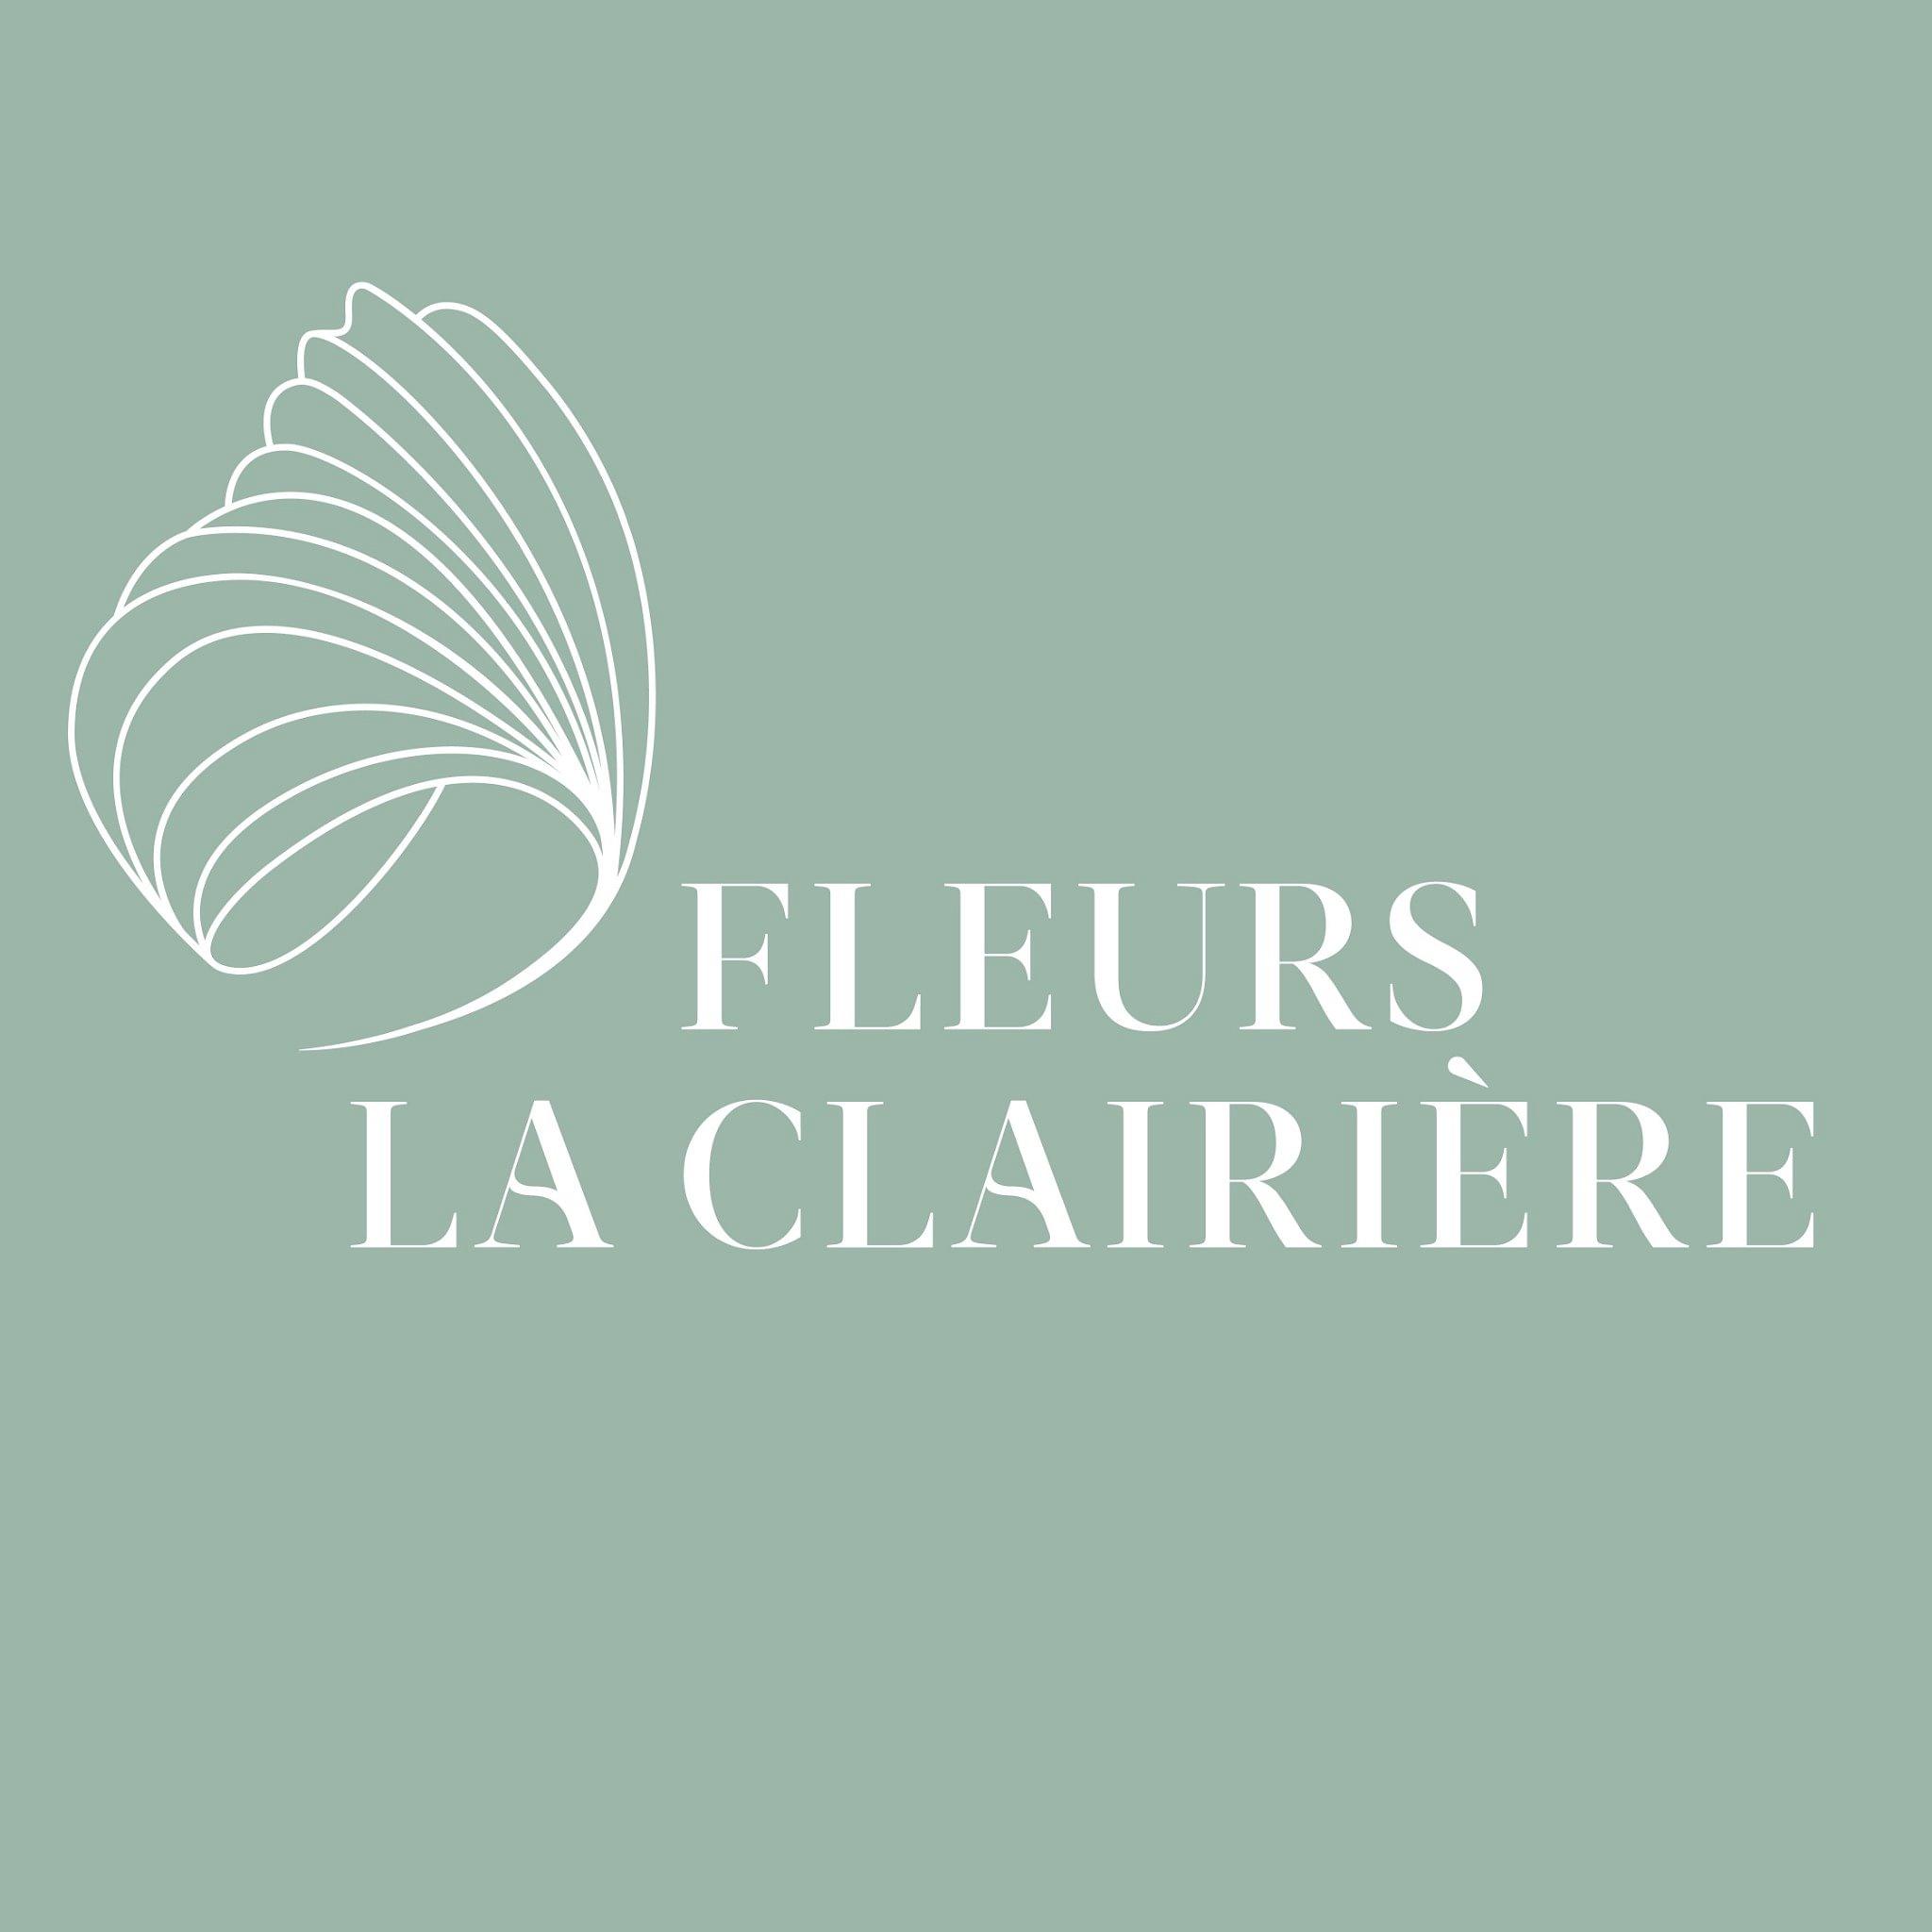 la Clairière